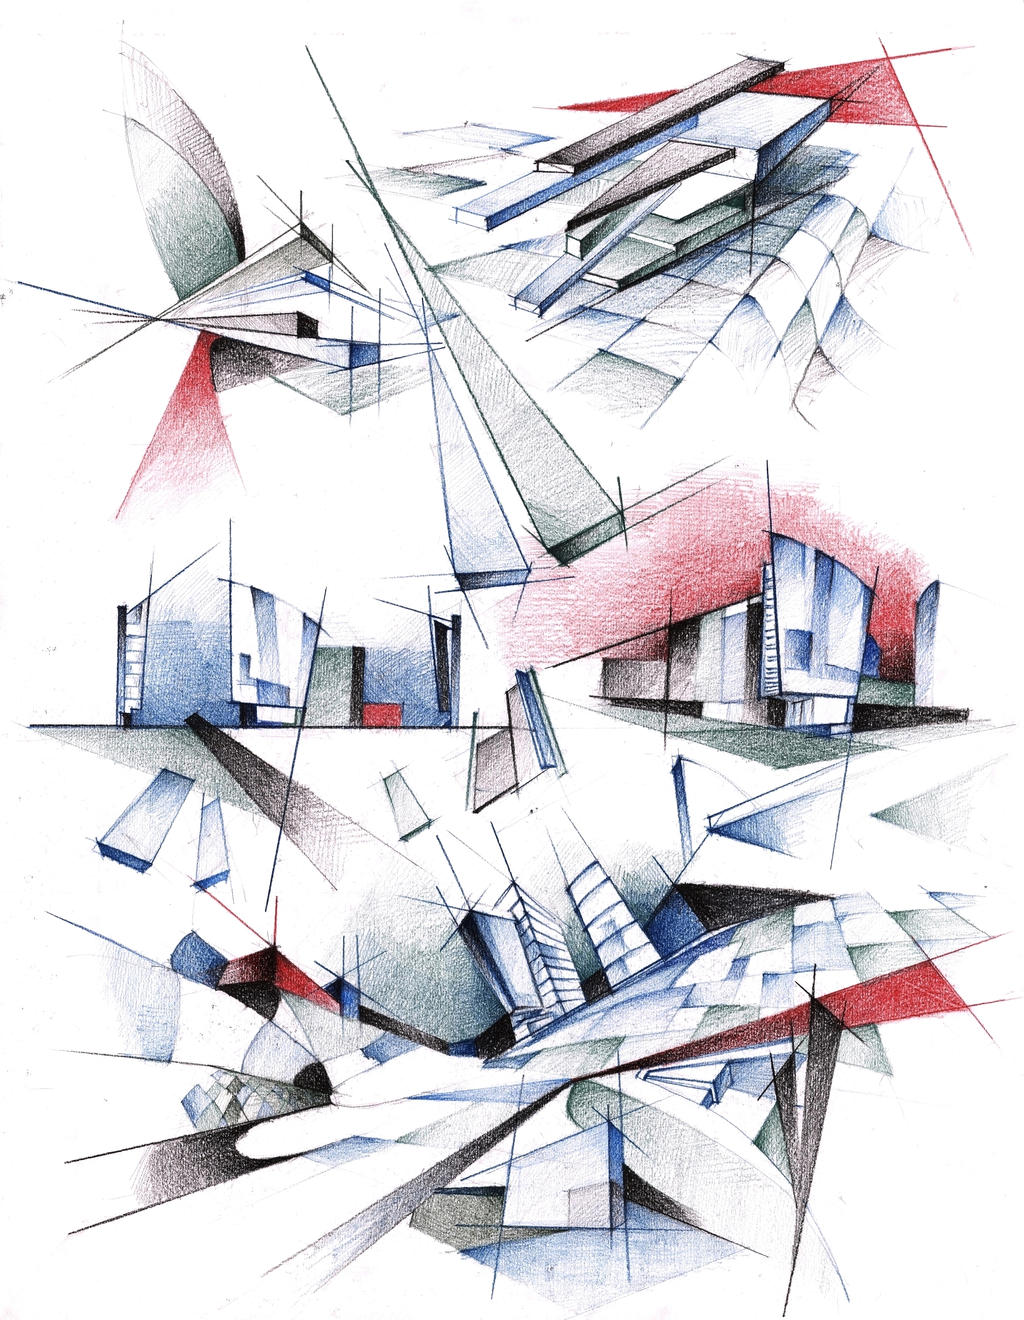 Architecture Poster by Radu26